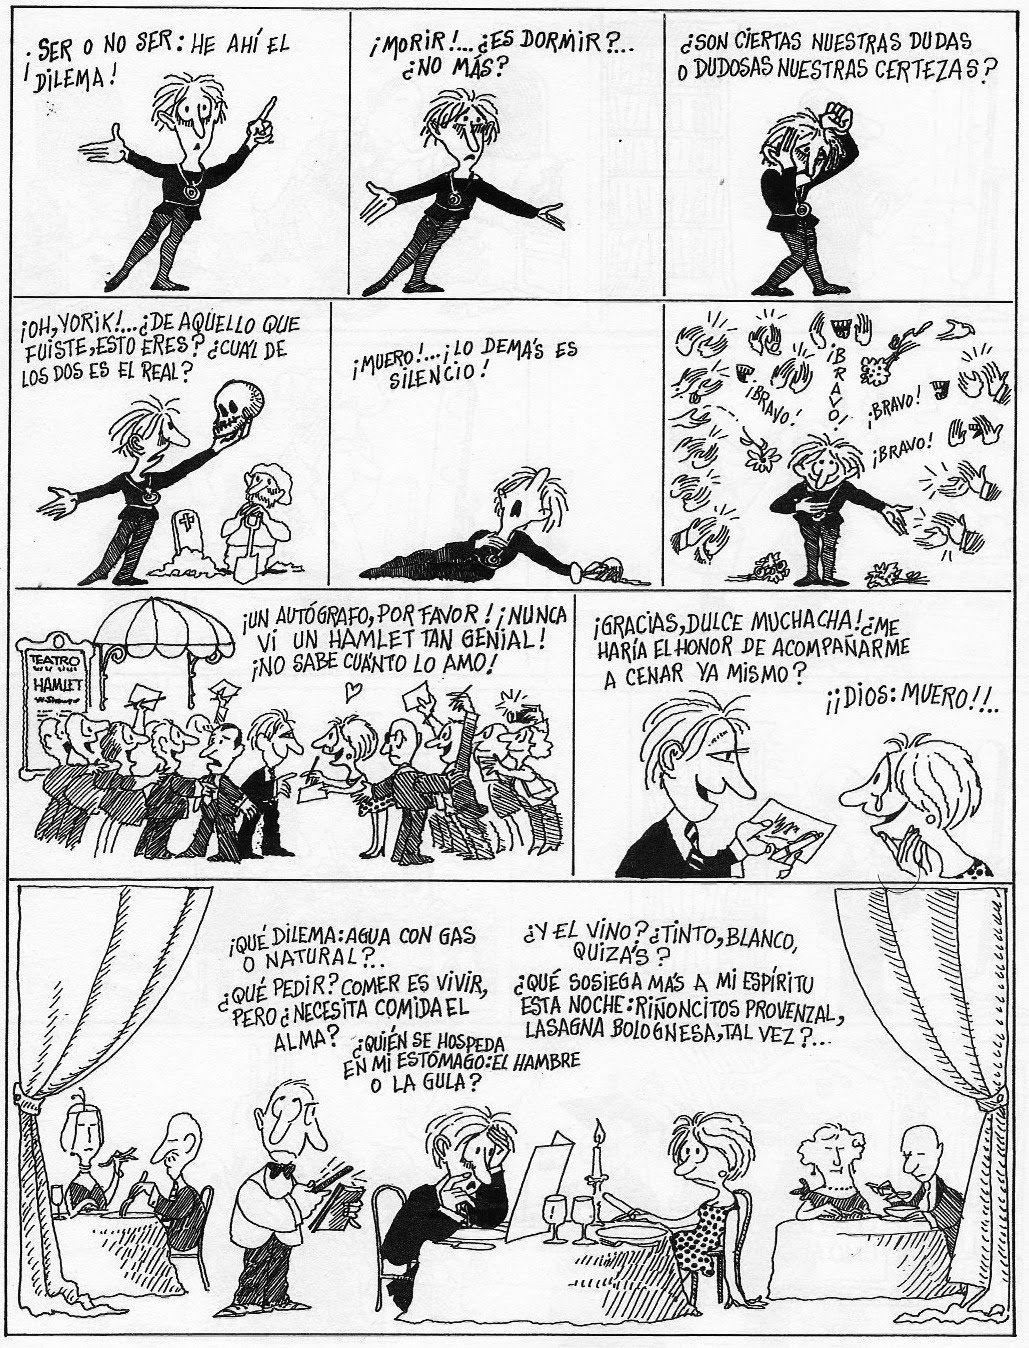 Este blog está dedicado al humor gráfico argentino y tiene